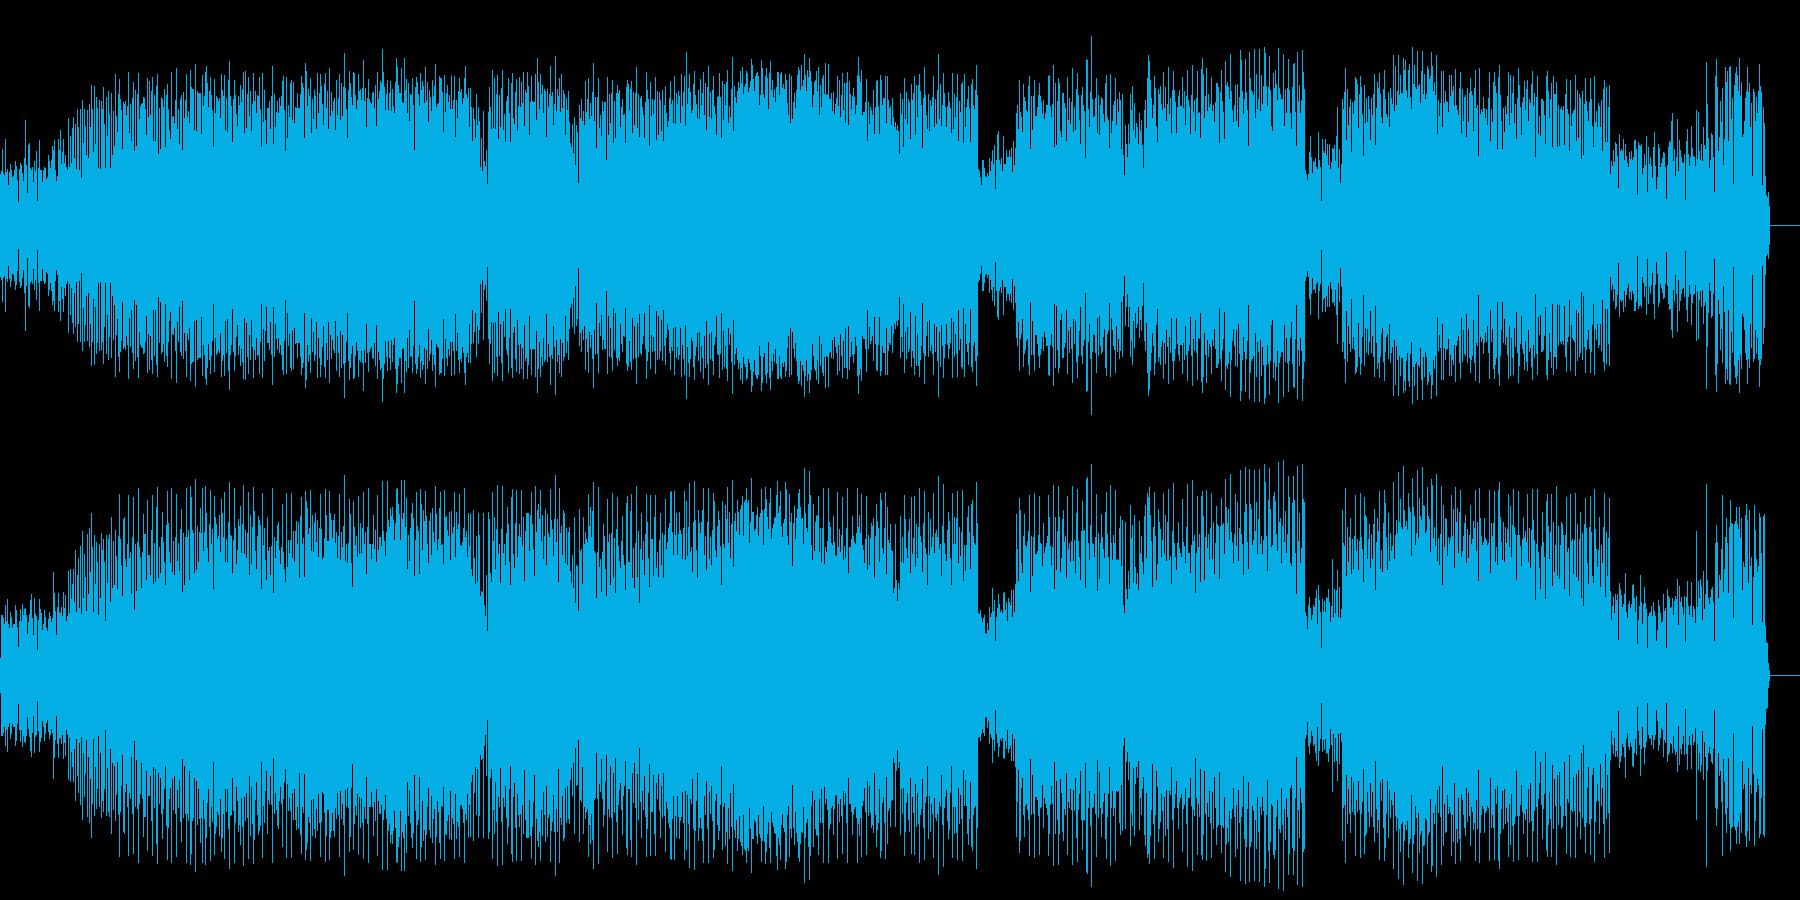 無機質感、緊張感に包まれるハードコアの再生済みの波形